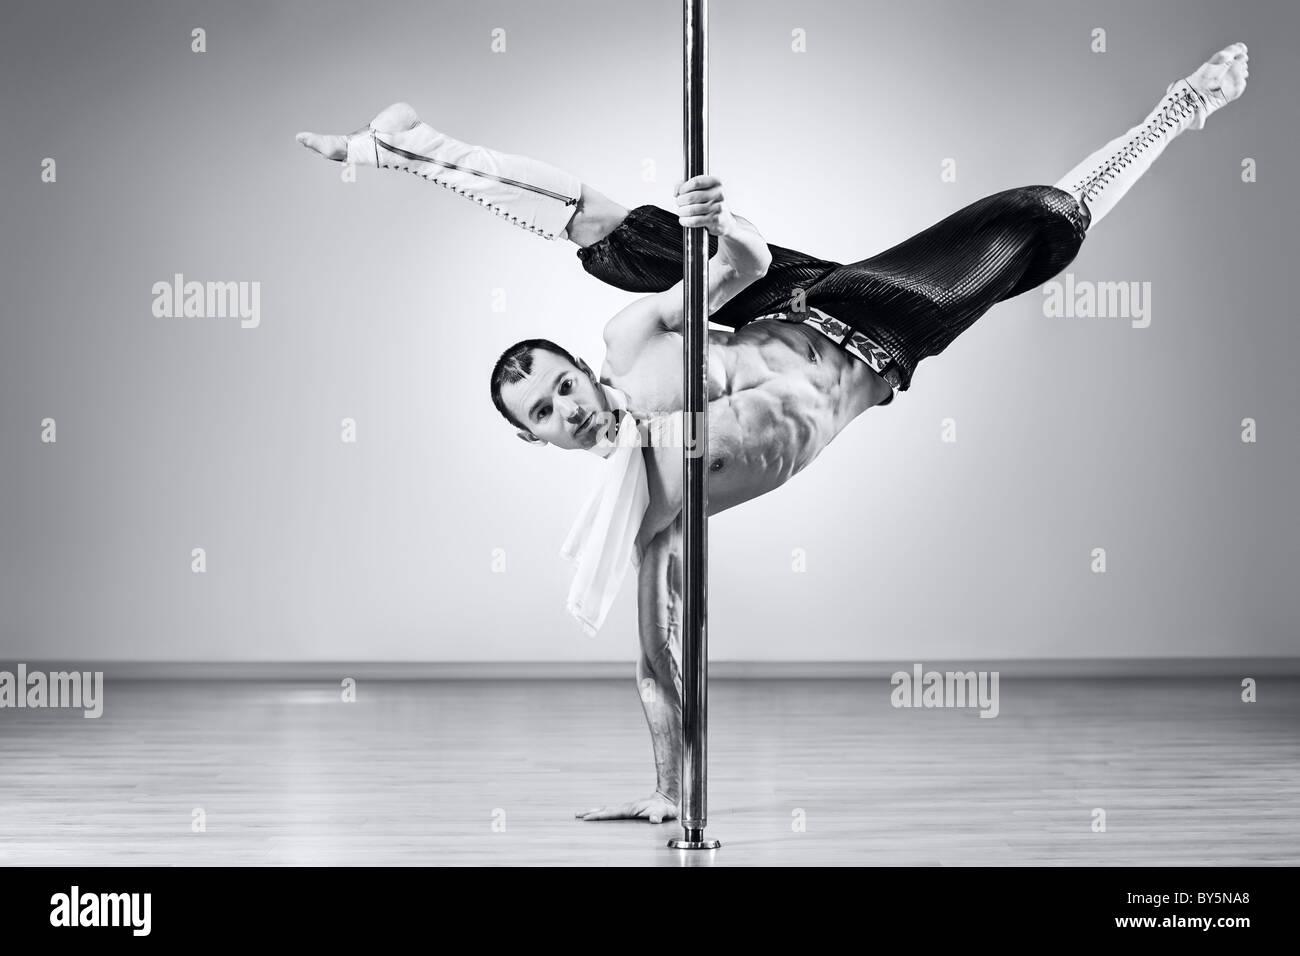 Les jeunes pole dance homme fort. Les couleurs noir et blanc. Photo Stock